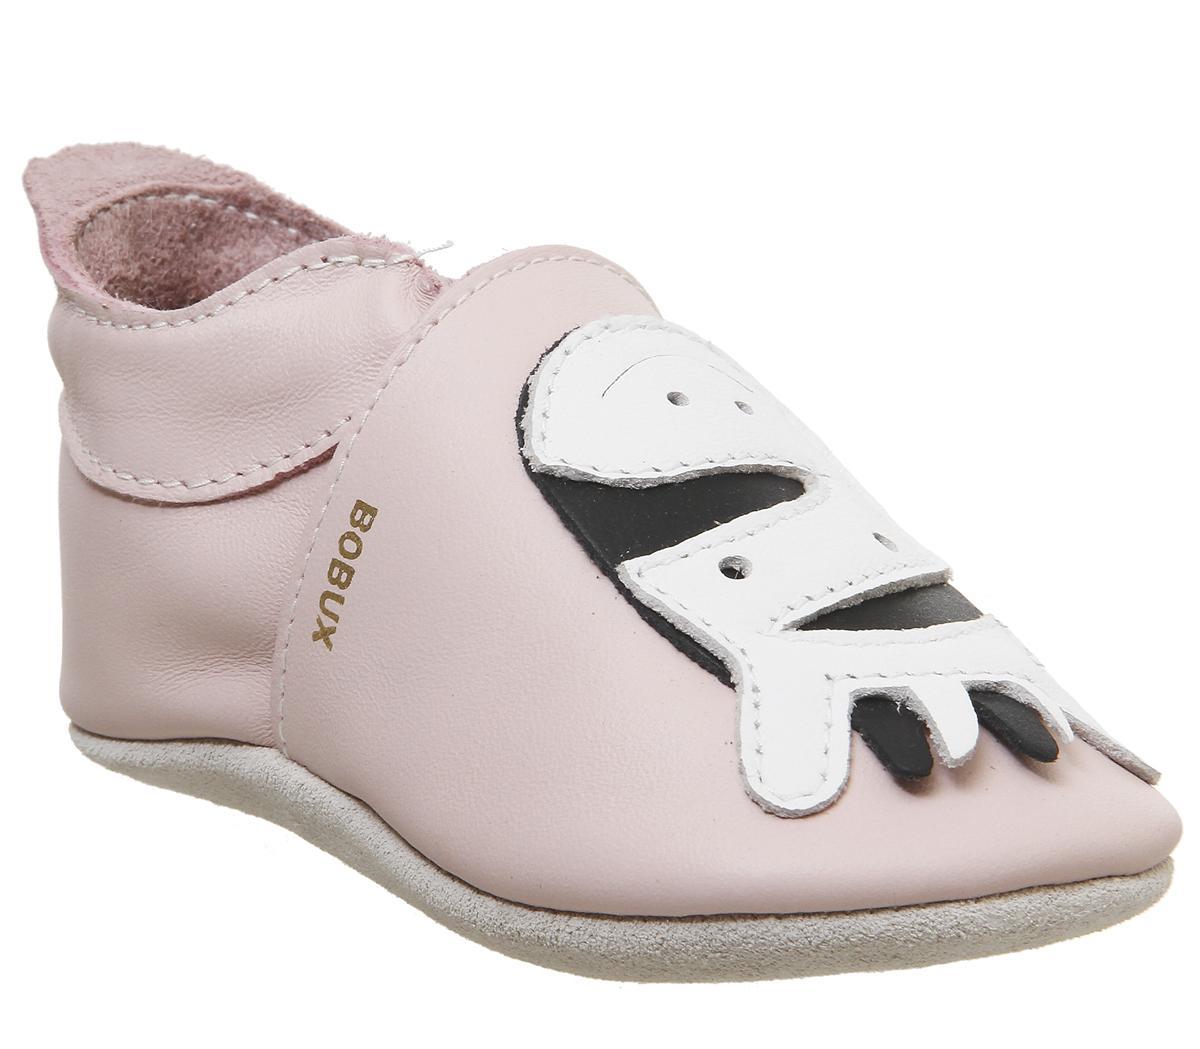 Bobux Soft Sole Crib Shoes Blossom